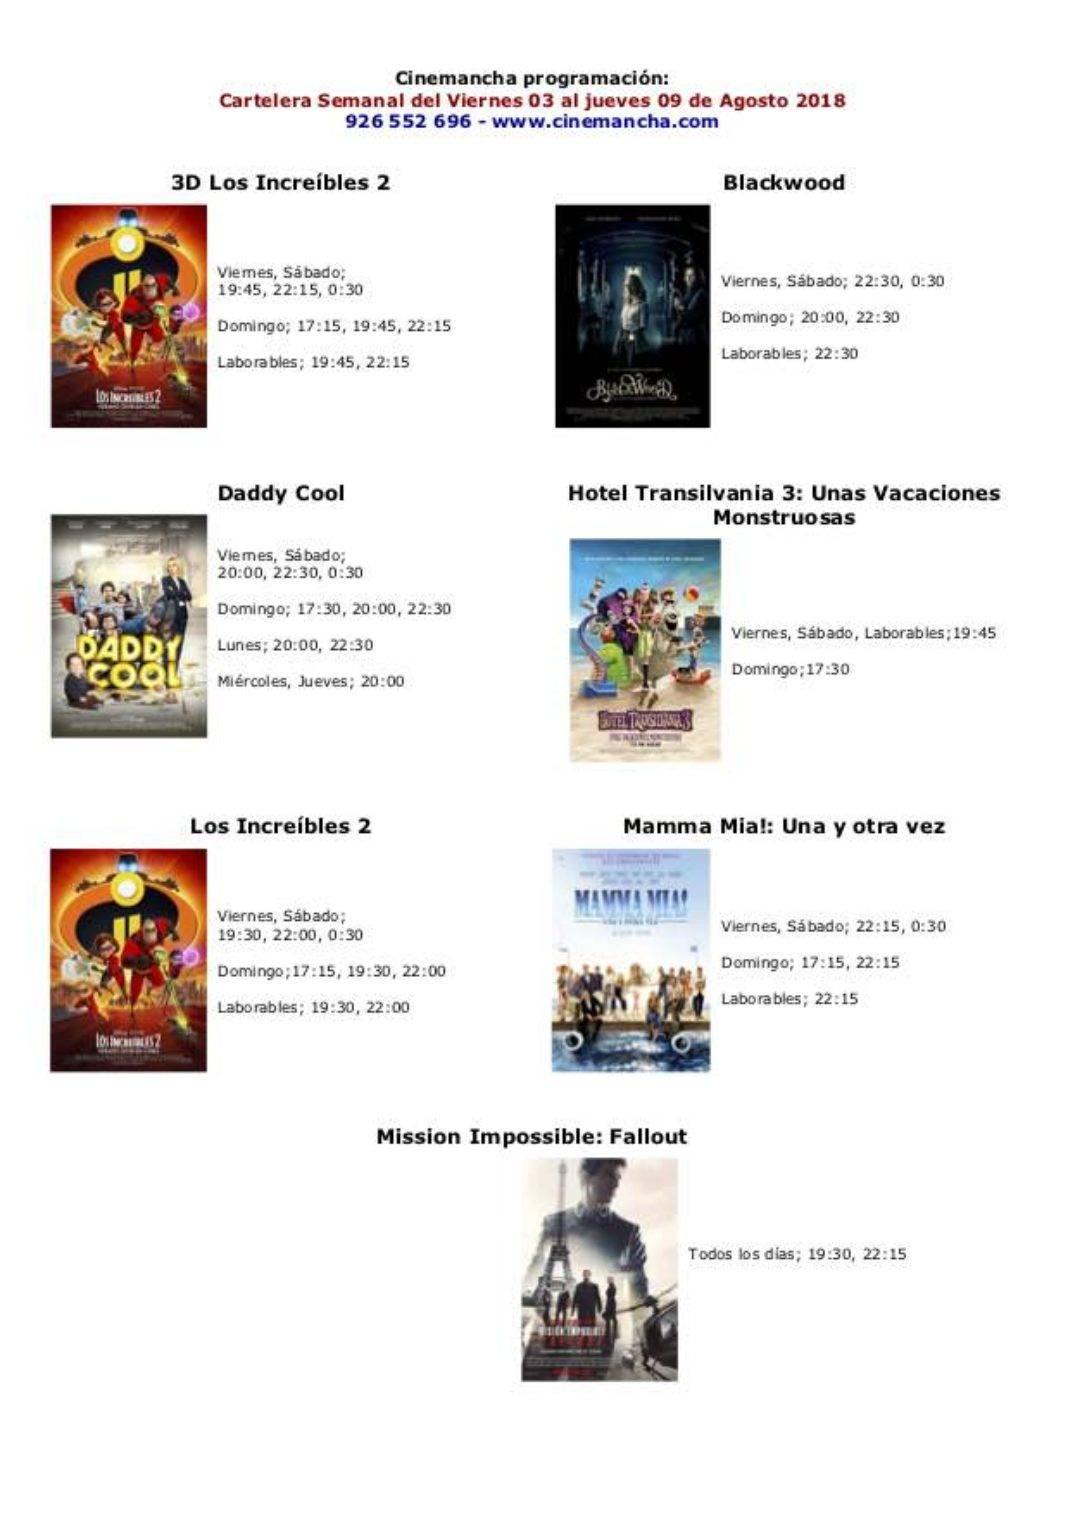 cartelera de cinemancha del 03 al 09 de agosto 1068x1513 - Programación cines Cinemancha del 3 al 9 de agosto